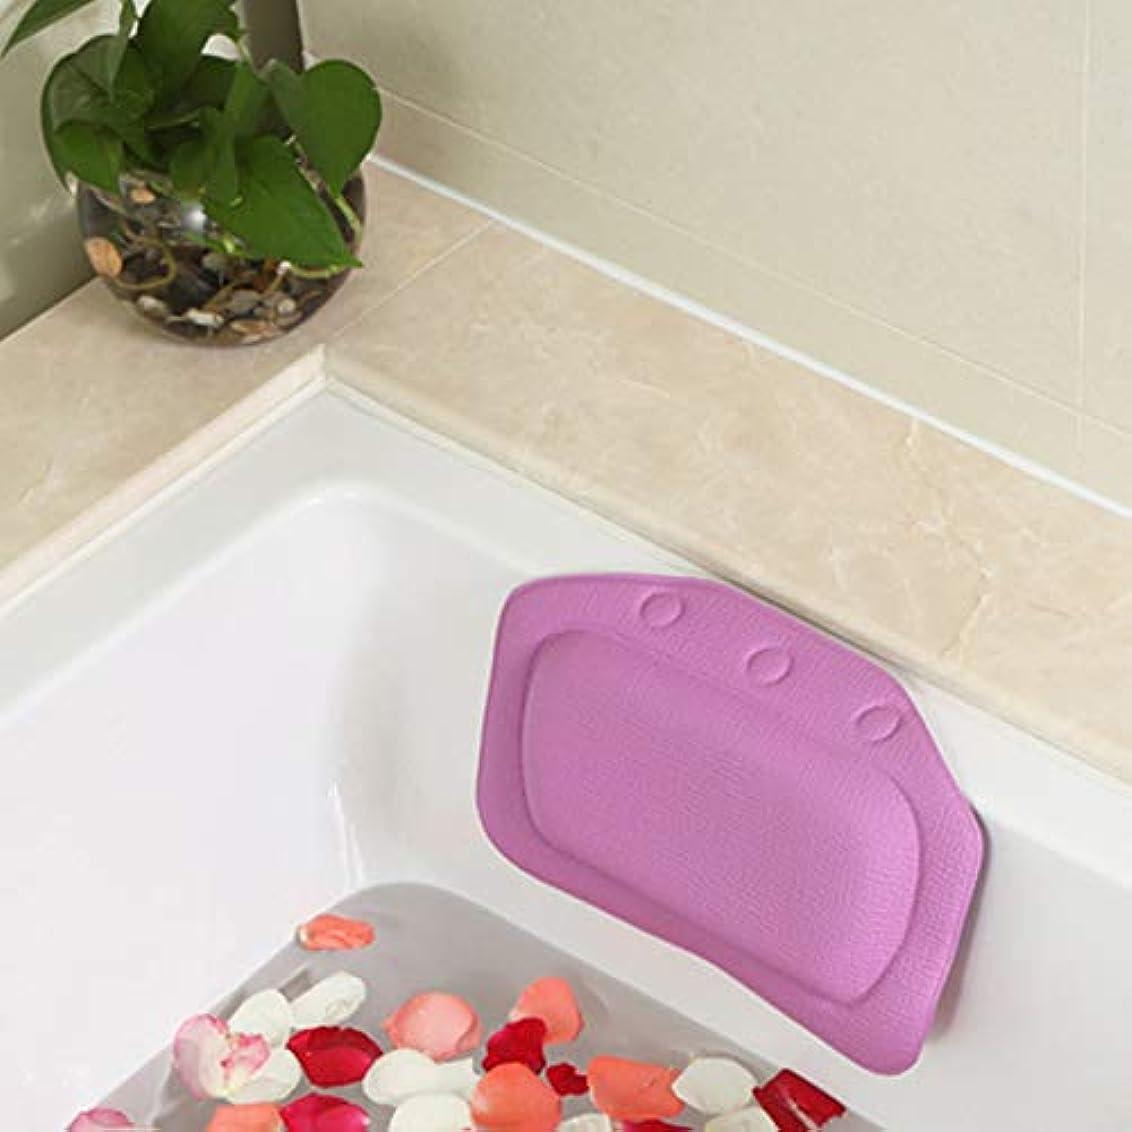 突進無人特異性柔らかいpvc発泡スポンジ風呂枕防水ヘッドレストクッション付き浴室シャワー浴槽リラックスアクセサリー,Purple